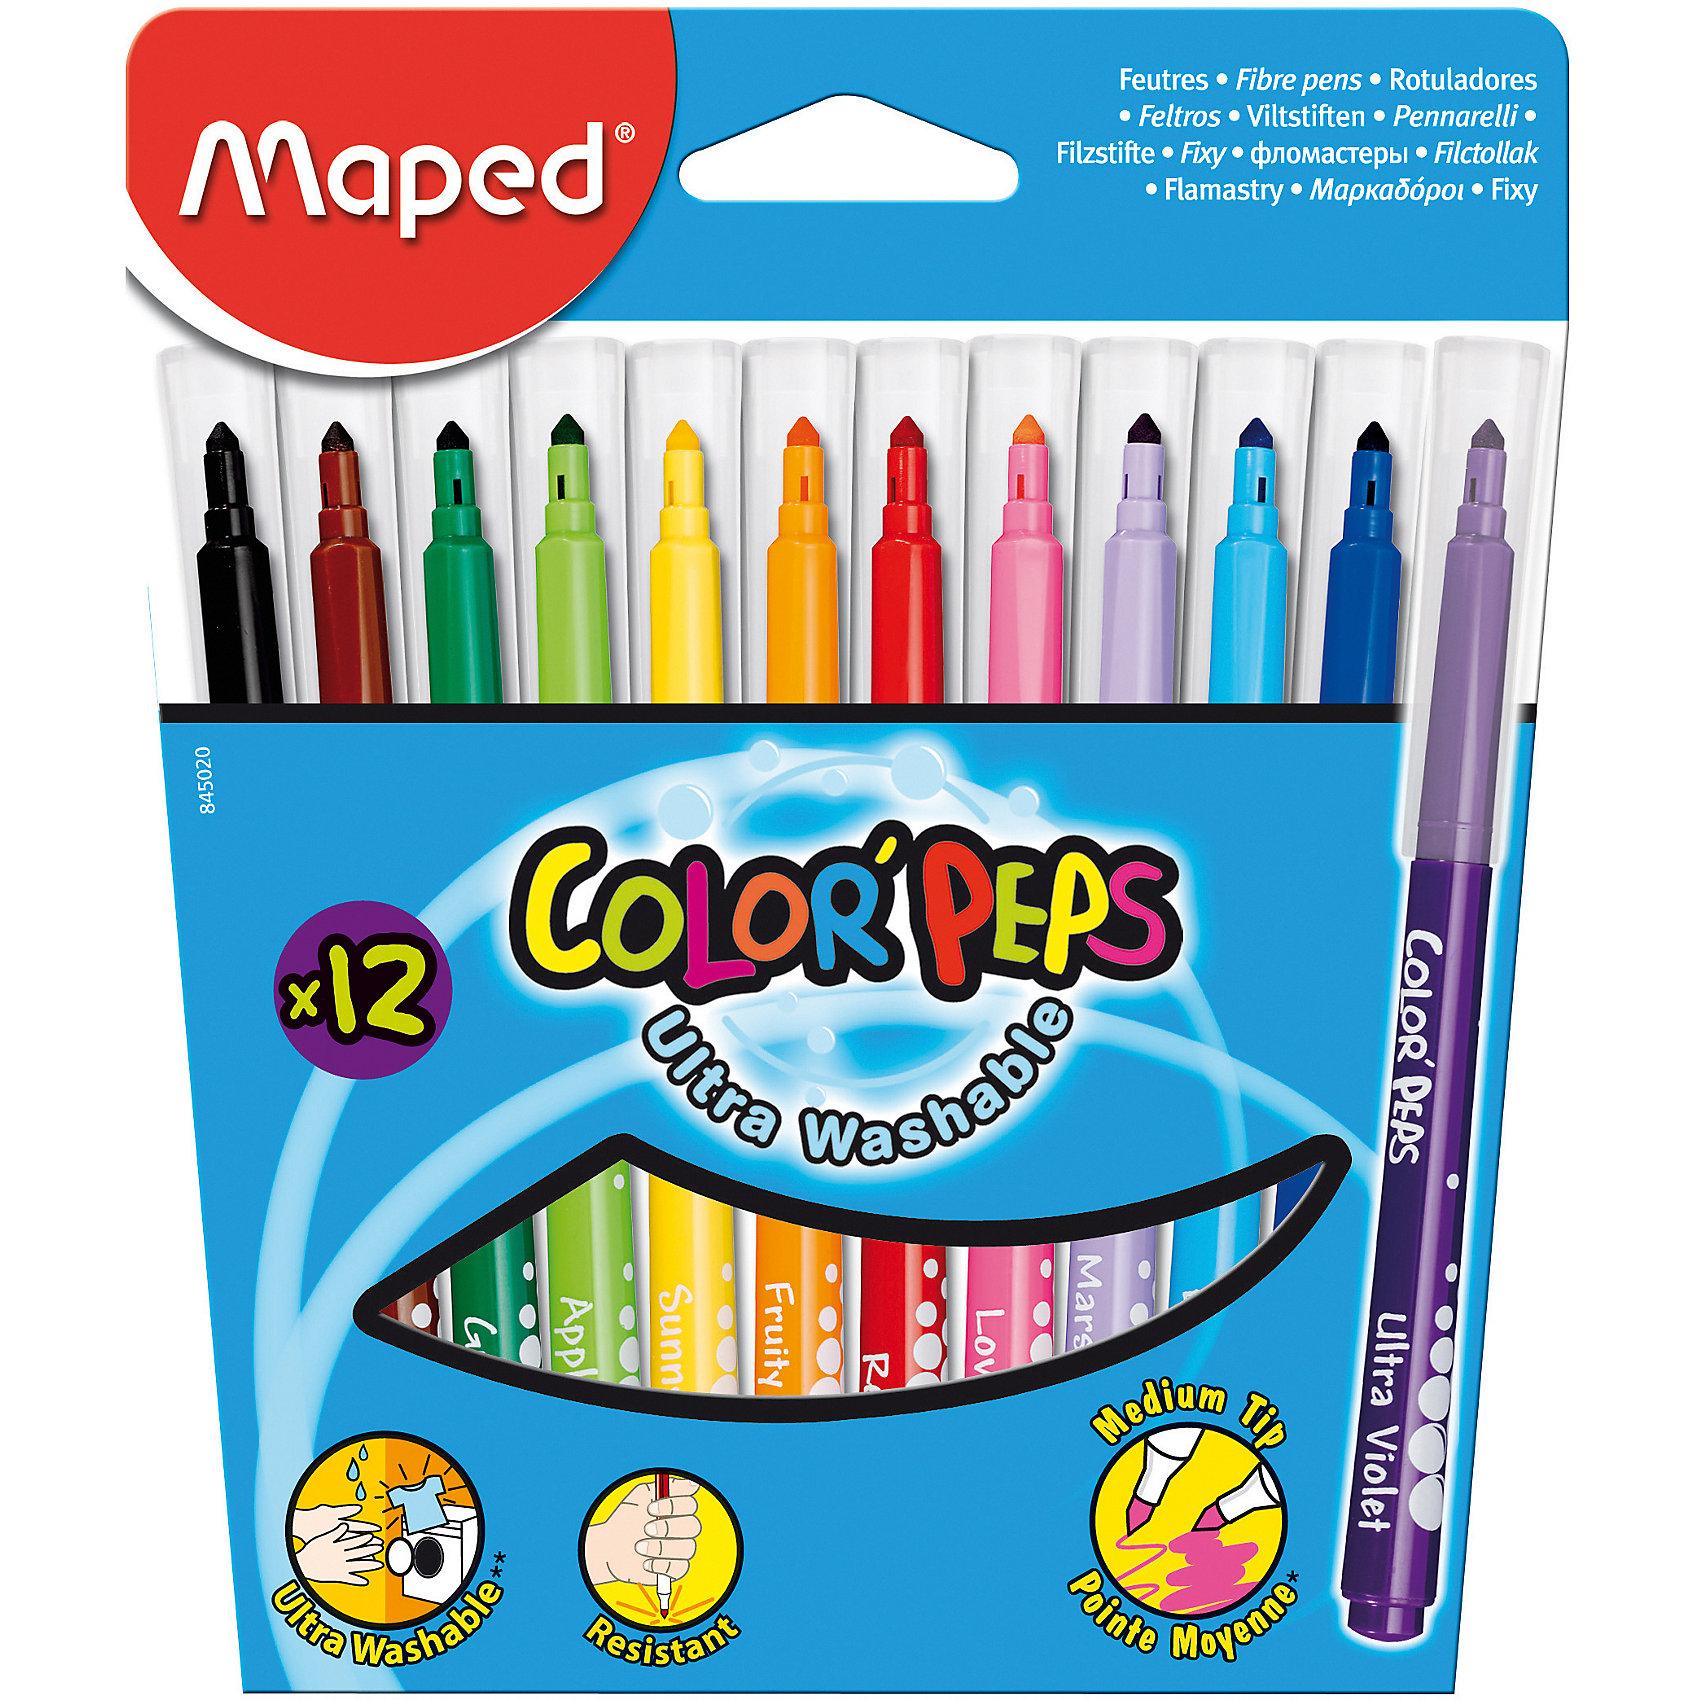 Фломастеры COLORPEPS, 12 цветов, MAPEDПисьменные принадлежности<br>Фломастеры COLORPEPS, 12 цветов, MAPED (МАПЕД).<br><br>Характеристики:<br><br>• Для детей в возрасте: от 3 лет<br>• В наборе: 12 разноцветных фломастеров<br>• Толщина линии: 3,6 мм.<br>• Материал корпуса: пластик<br>• Упаковка: картонная коробка с европодвесом<br>• Размер упаковки: 176х160х14 мм.<br>• Вес: 114 гр.<br><br>Фломастеры COLORPEPS предназначены для тонкого письма, раскрашивания и рисования. В наборе 12 фломастеров, ярких насыщенных цветов. Заблокированный пишущий узел обеспечивает долговременное использование даже при сильном нажатии. Универсальный конусовидный стержень позволяет рисовать как толстые, так и тонкие линии. Фломастеры оснащены вентилируемыми колпачками с эффективной системой закрытия. Корпус трехгранный. Суперсмываемые, смываются с помощью воды и мыла с любой ткани и кожи ребенка. Длительный срок службы.<br><br>Фломастеры COLORPEPS, 12 цветов, MAPED (МАПЕД) можно купить в нашем интернет-магазине.<br><br>Ширина мм: 175<br>Глубина мм: 150<br>Высота мм: 13<br>Вес г: 137<br>Возраст от месяцев: 36<br>Возраст до месяцев: 2147483647<br>Пол: Унисекс<br>Возраст: Детский<br>SKU: 5530061